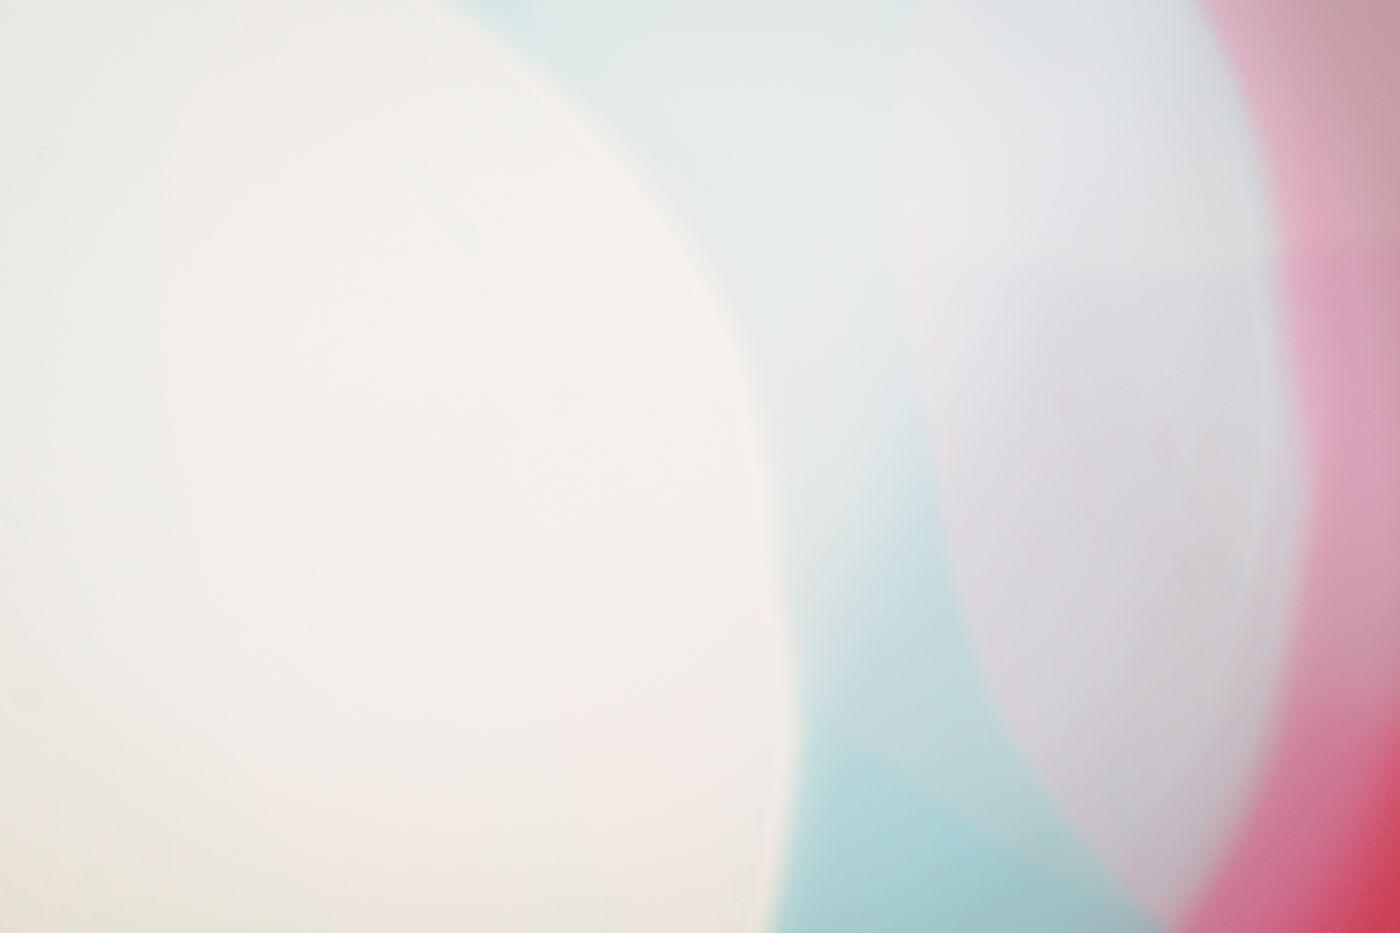 三色の大きなボケの写真